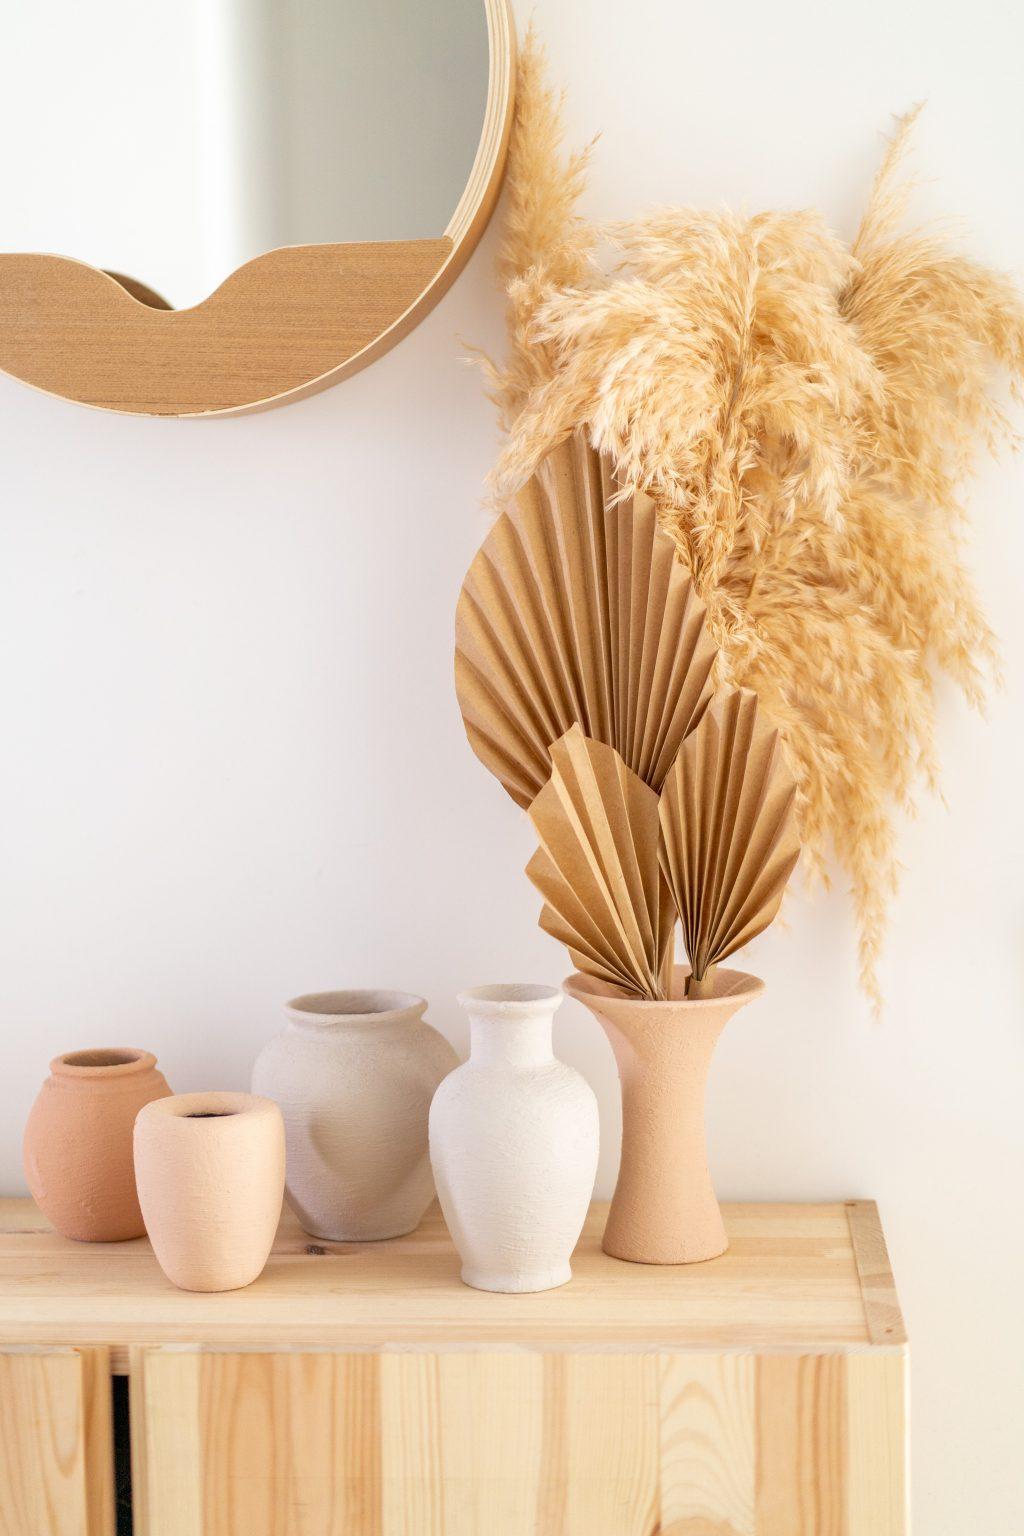 DIY projecten in mijn interieur: palmbladeren van papier in terracotta vaasjes